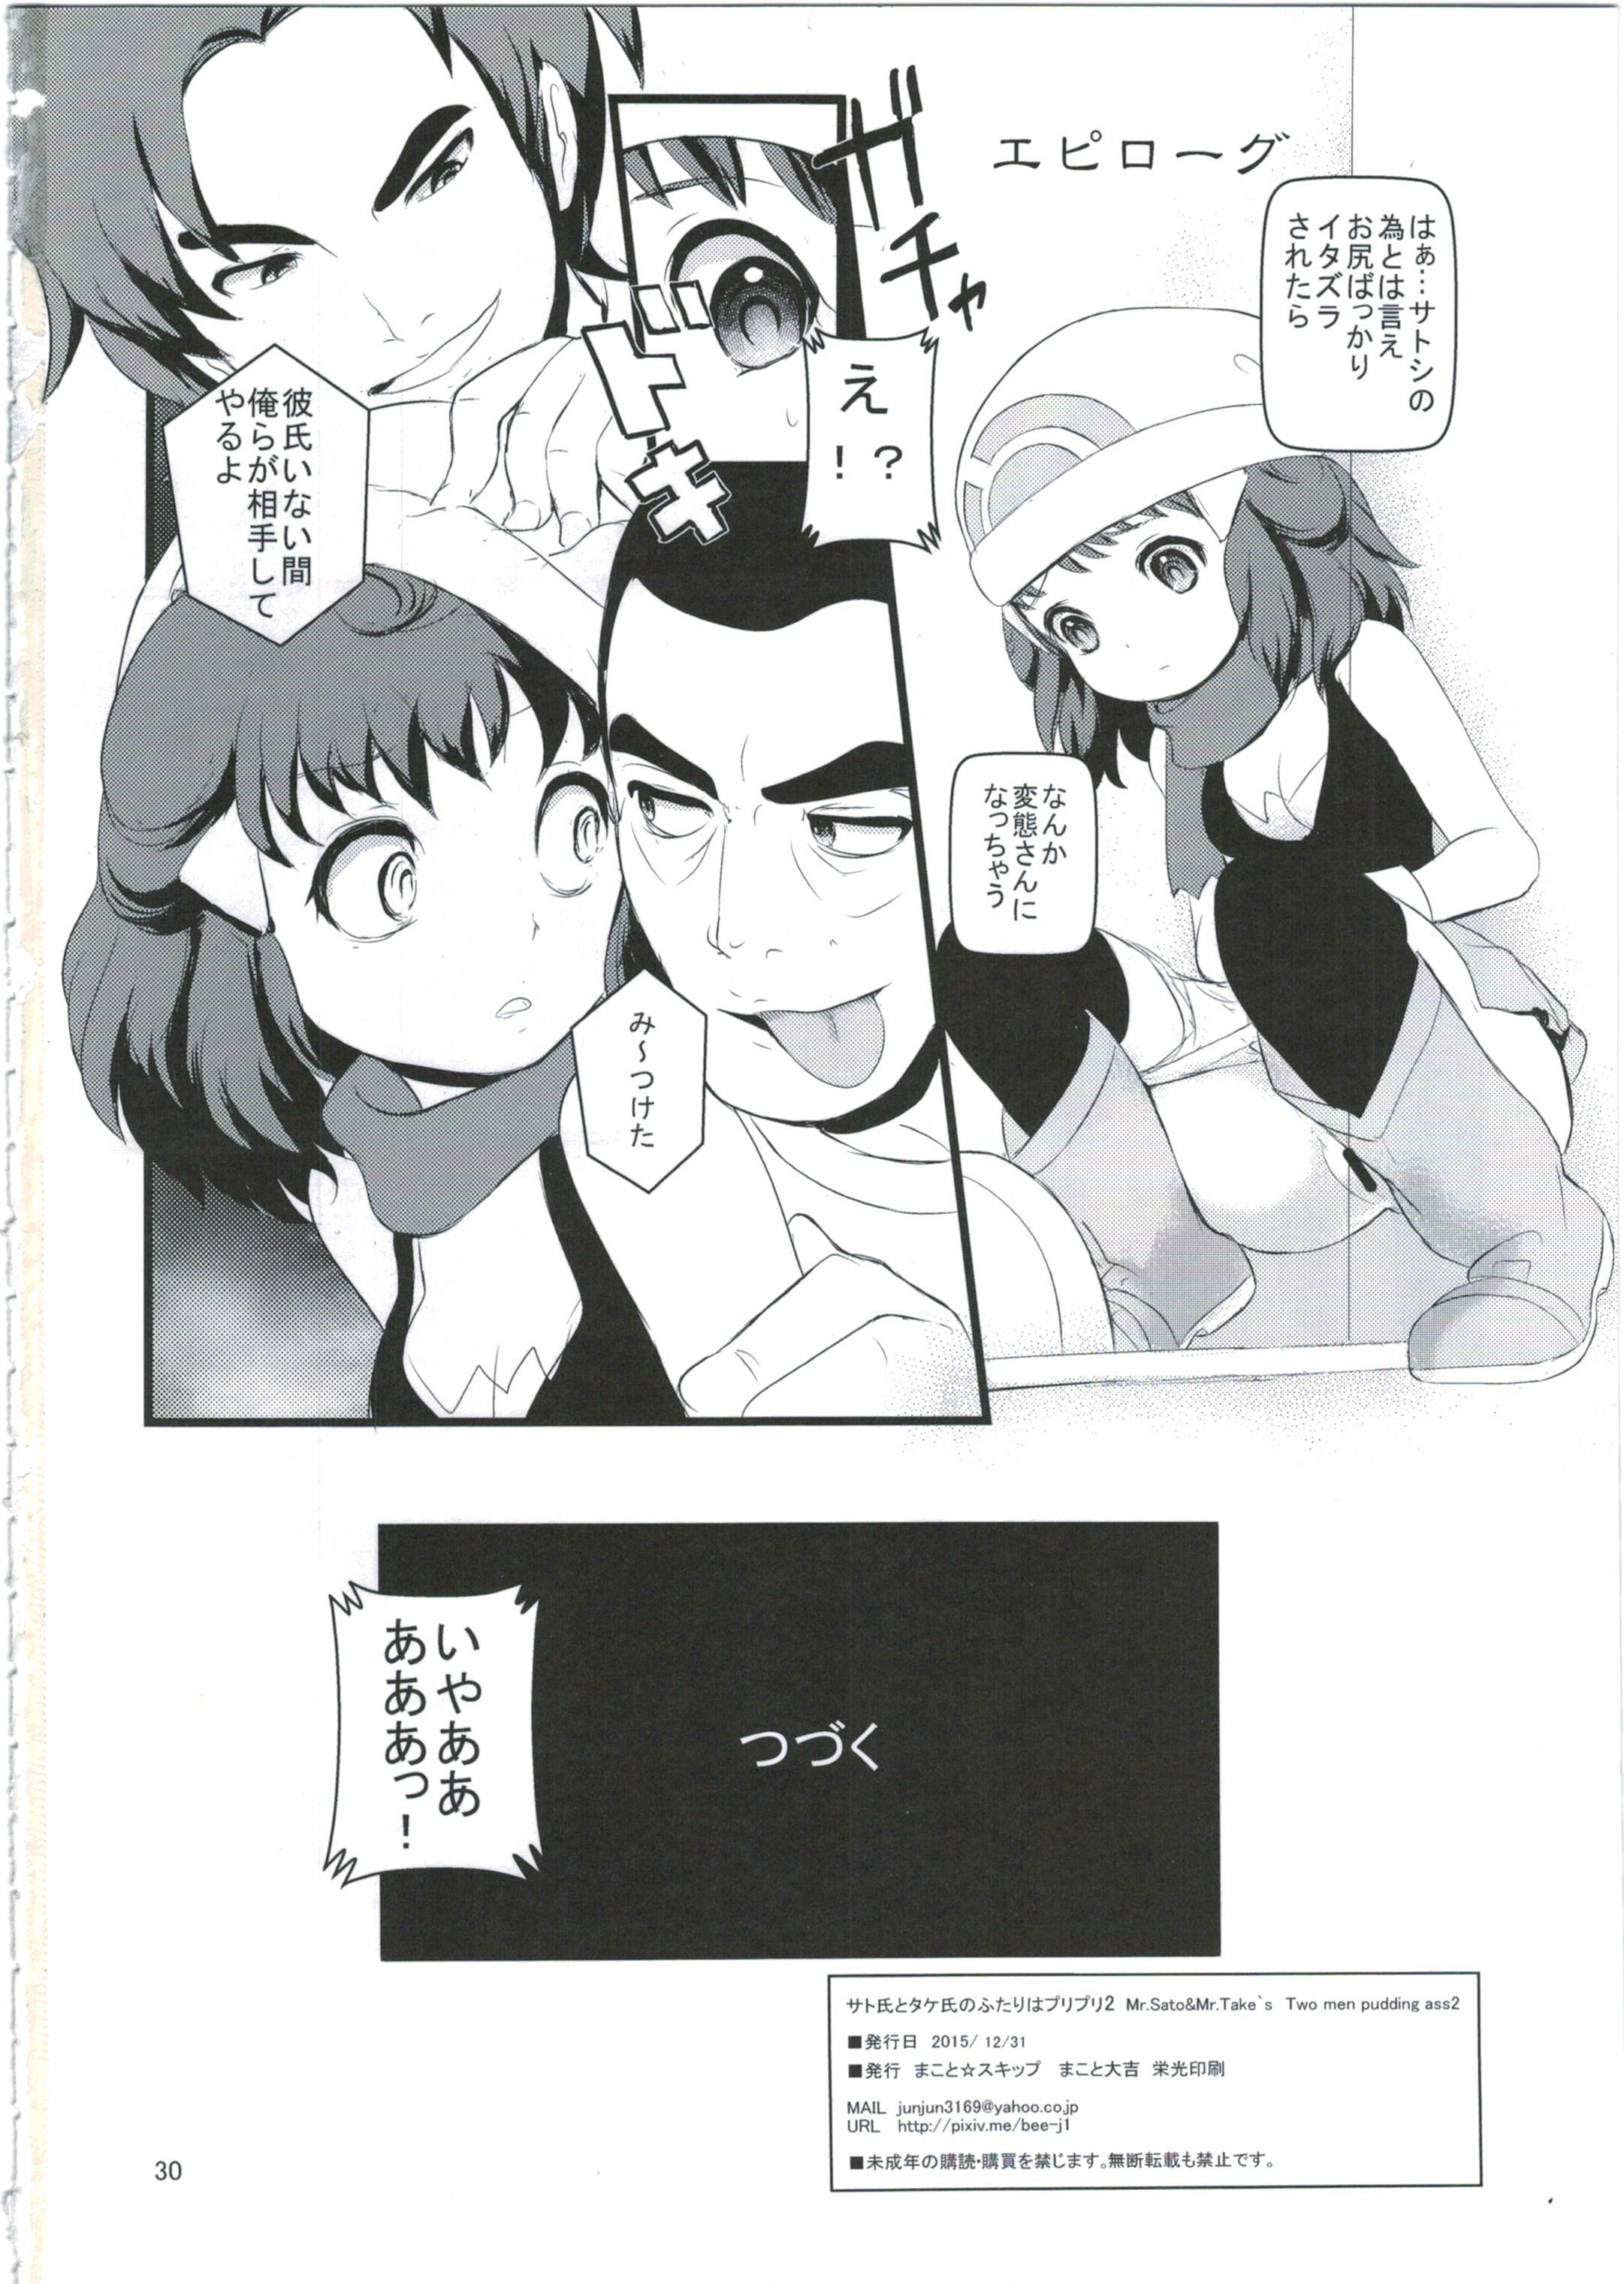 SatoSHI to TakeSHI no Futari wa PuriPuri 2 29